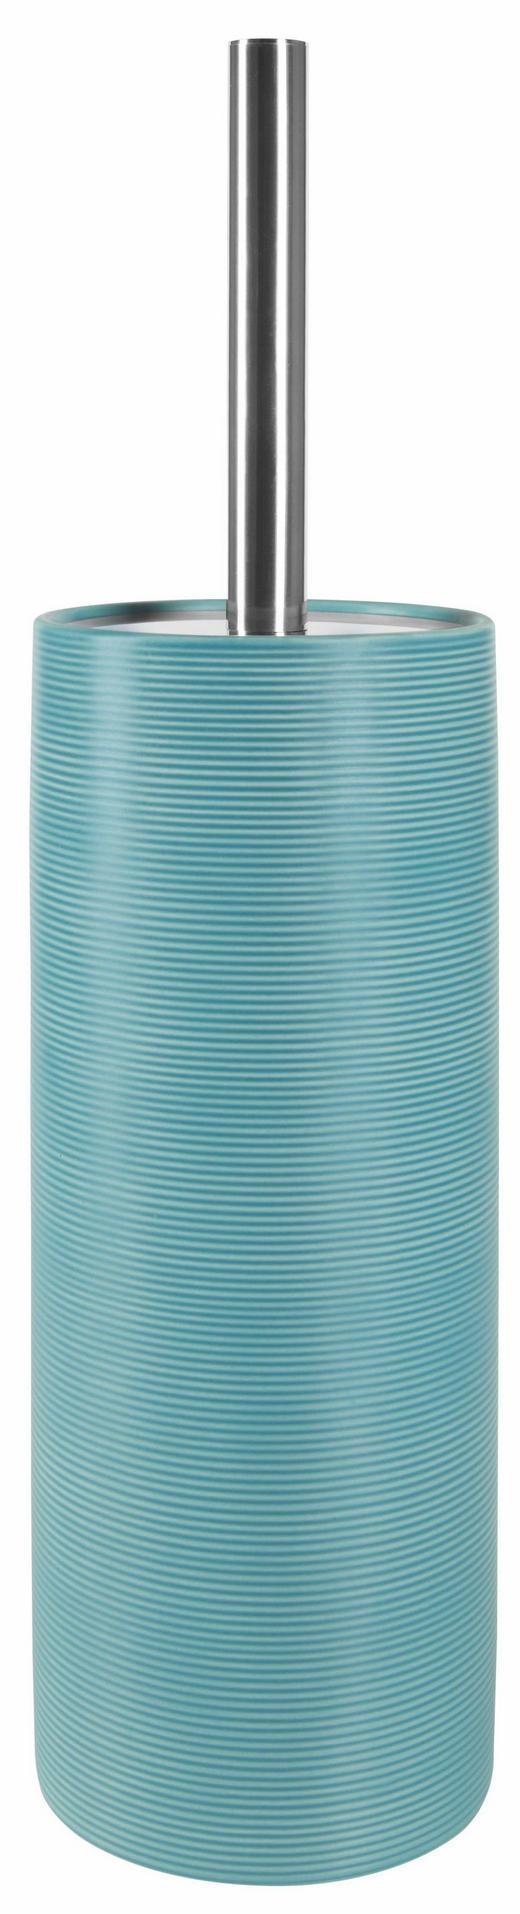 WC-BÜRSTENGARNITUR Stein - Chromfarben/Blau, Basics, Kunststoff/Stein (11/41,5/11cm) - SPIRELLA